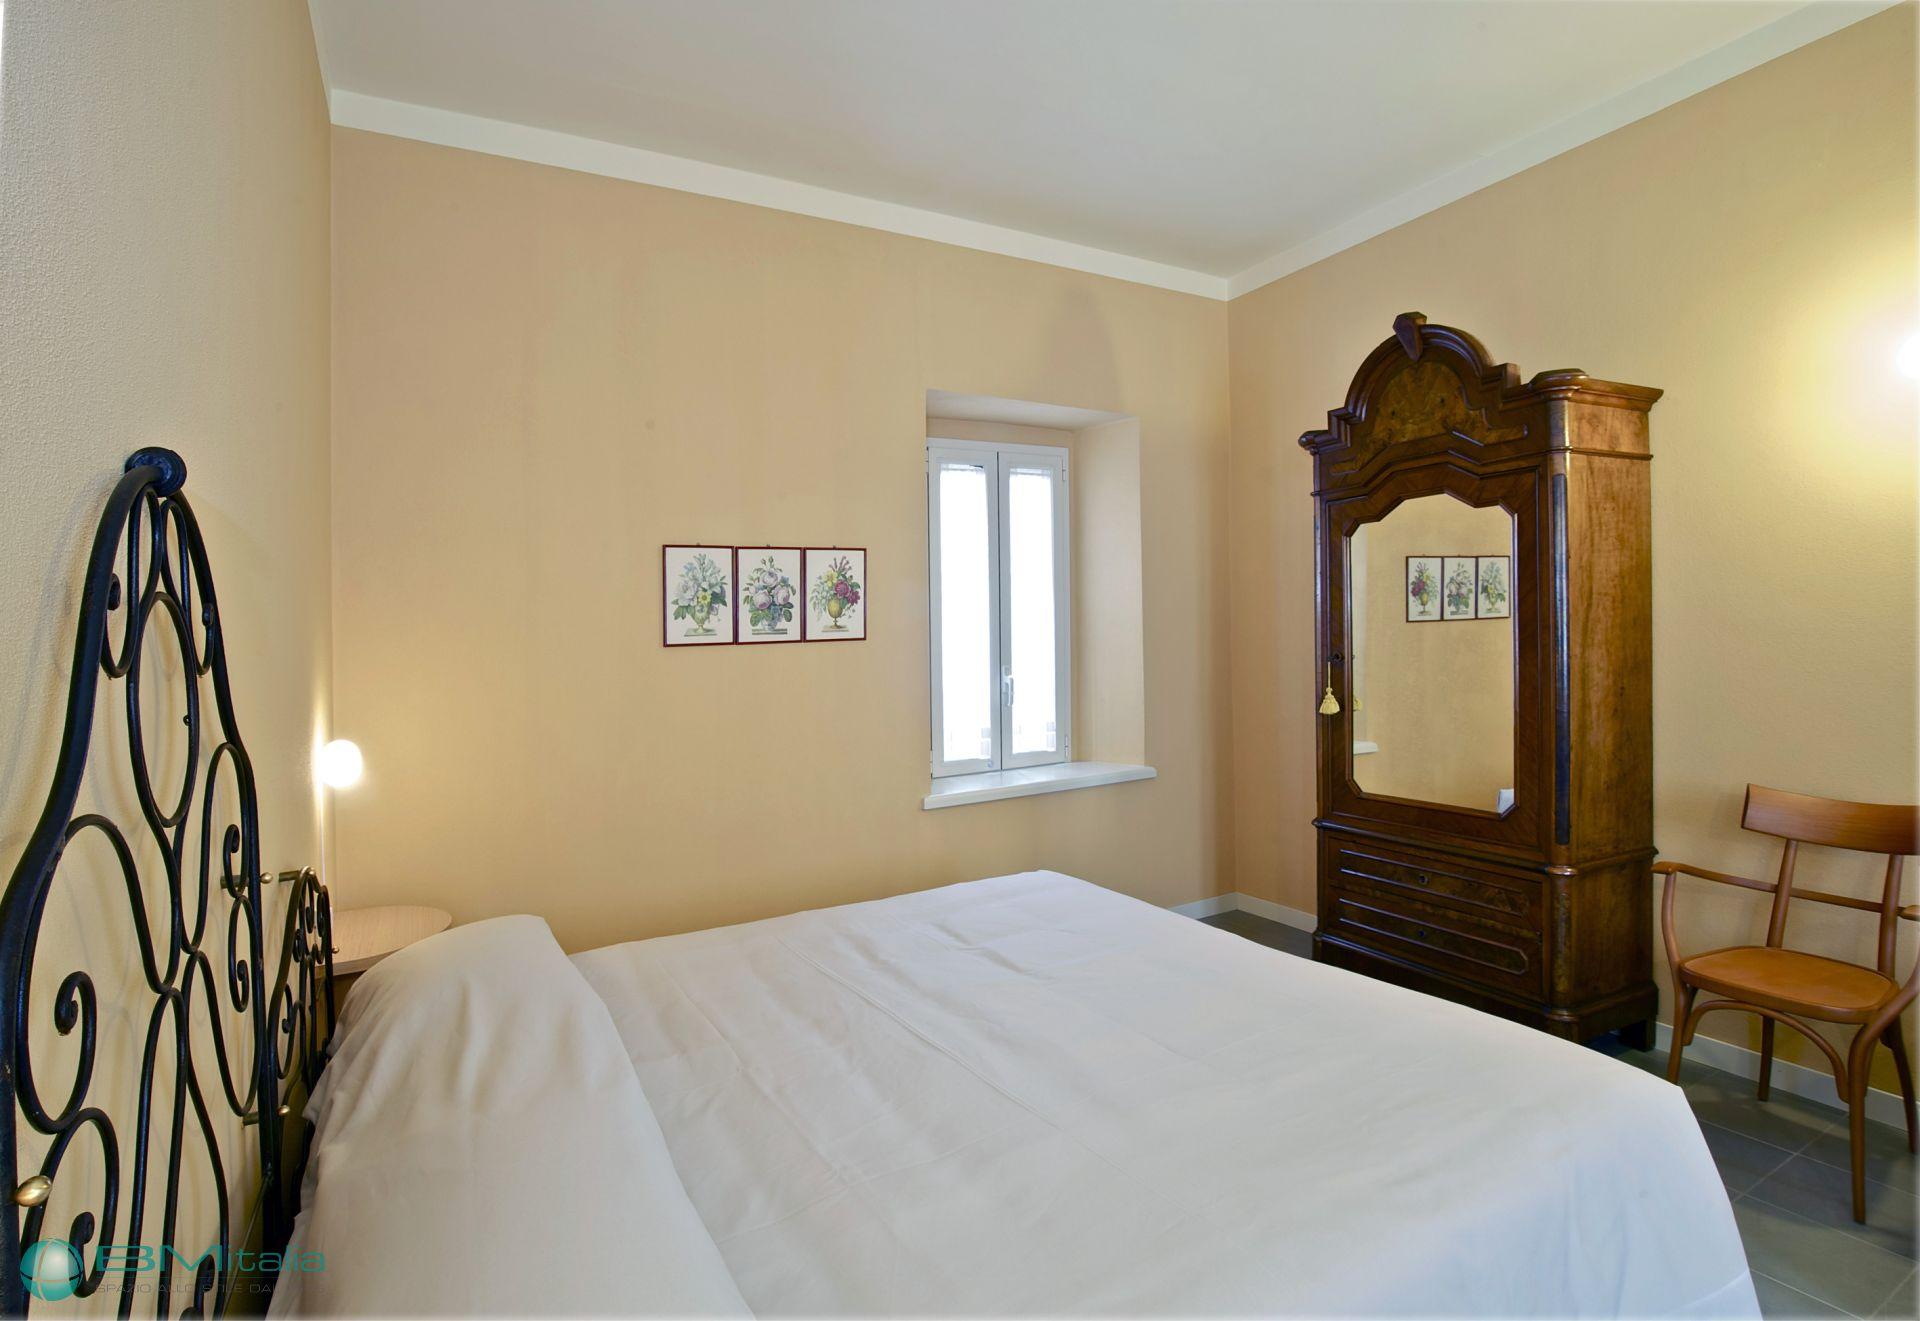 Concreta soluzione esigenze di arredo hotel alberghi bed for Mullano arredamenti